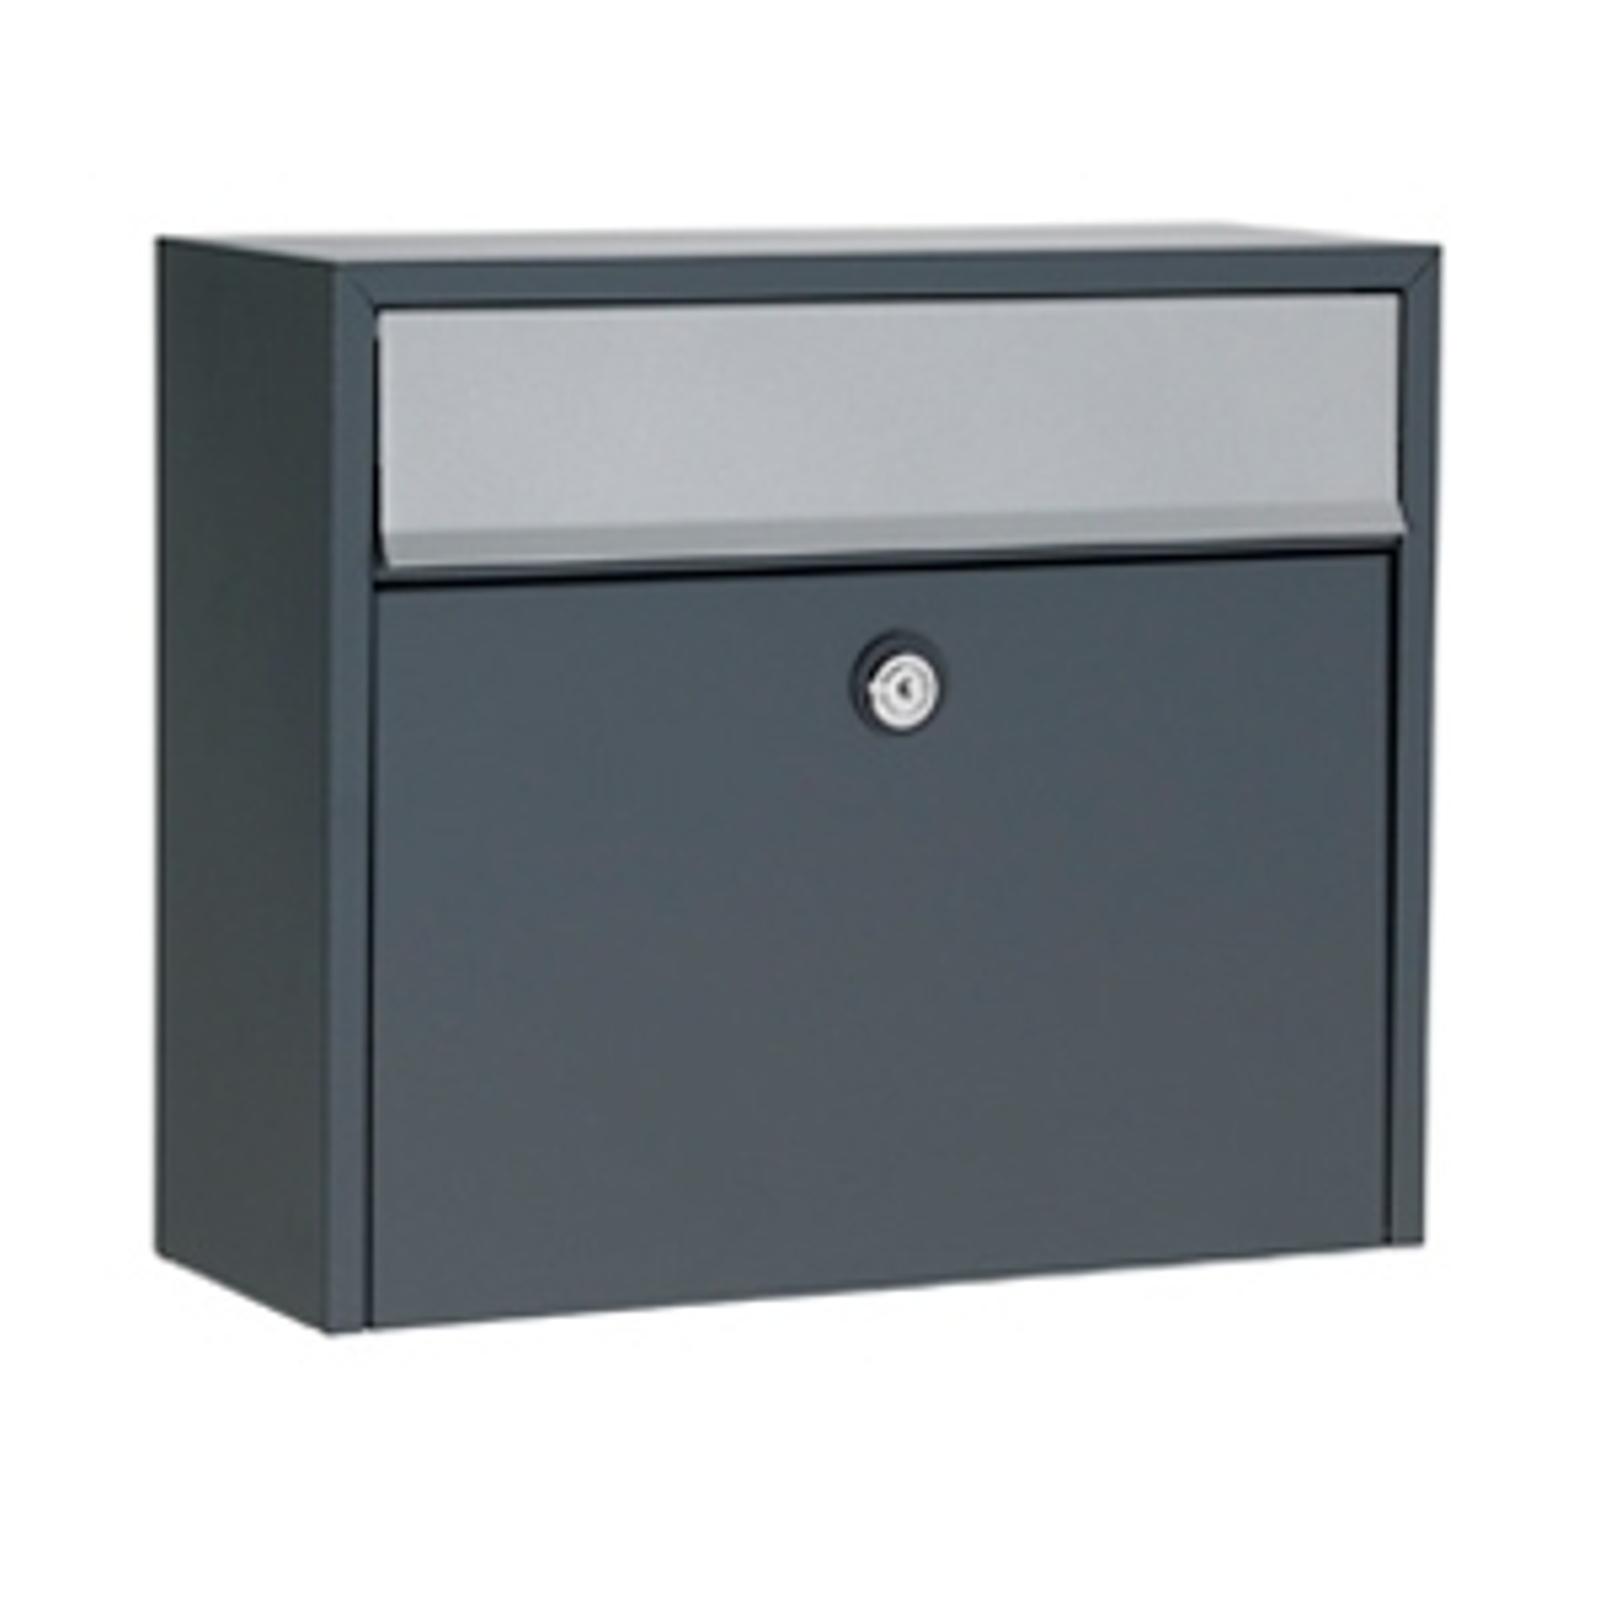 Jednoduchá poštovní schránka LT150, antracit, Euro